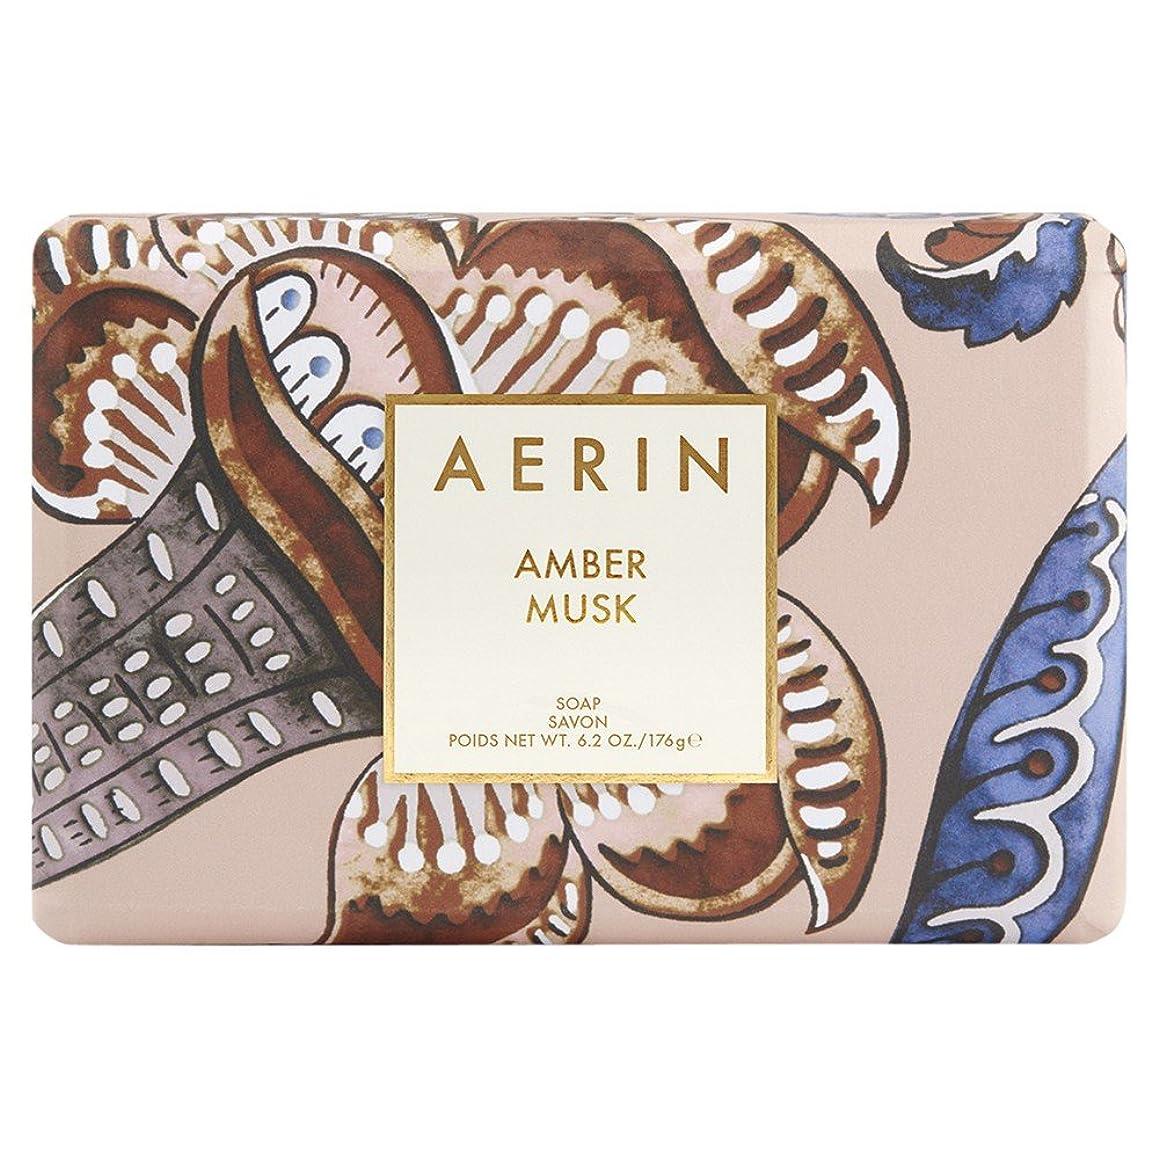 月請求適格Aerinアンバームスクソープ176グラム (AERIN) (x2) - AERIN Amber Musk Soap 176g (Pack of 2) [並行輸入品]